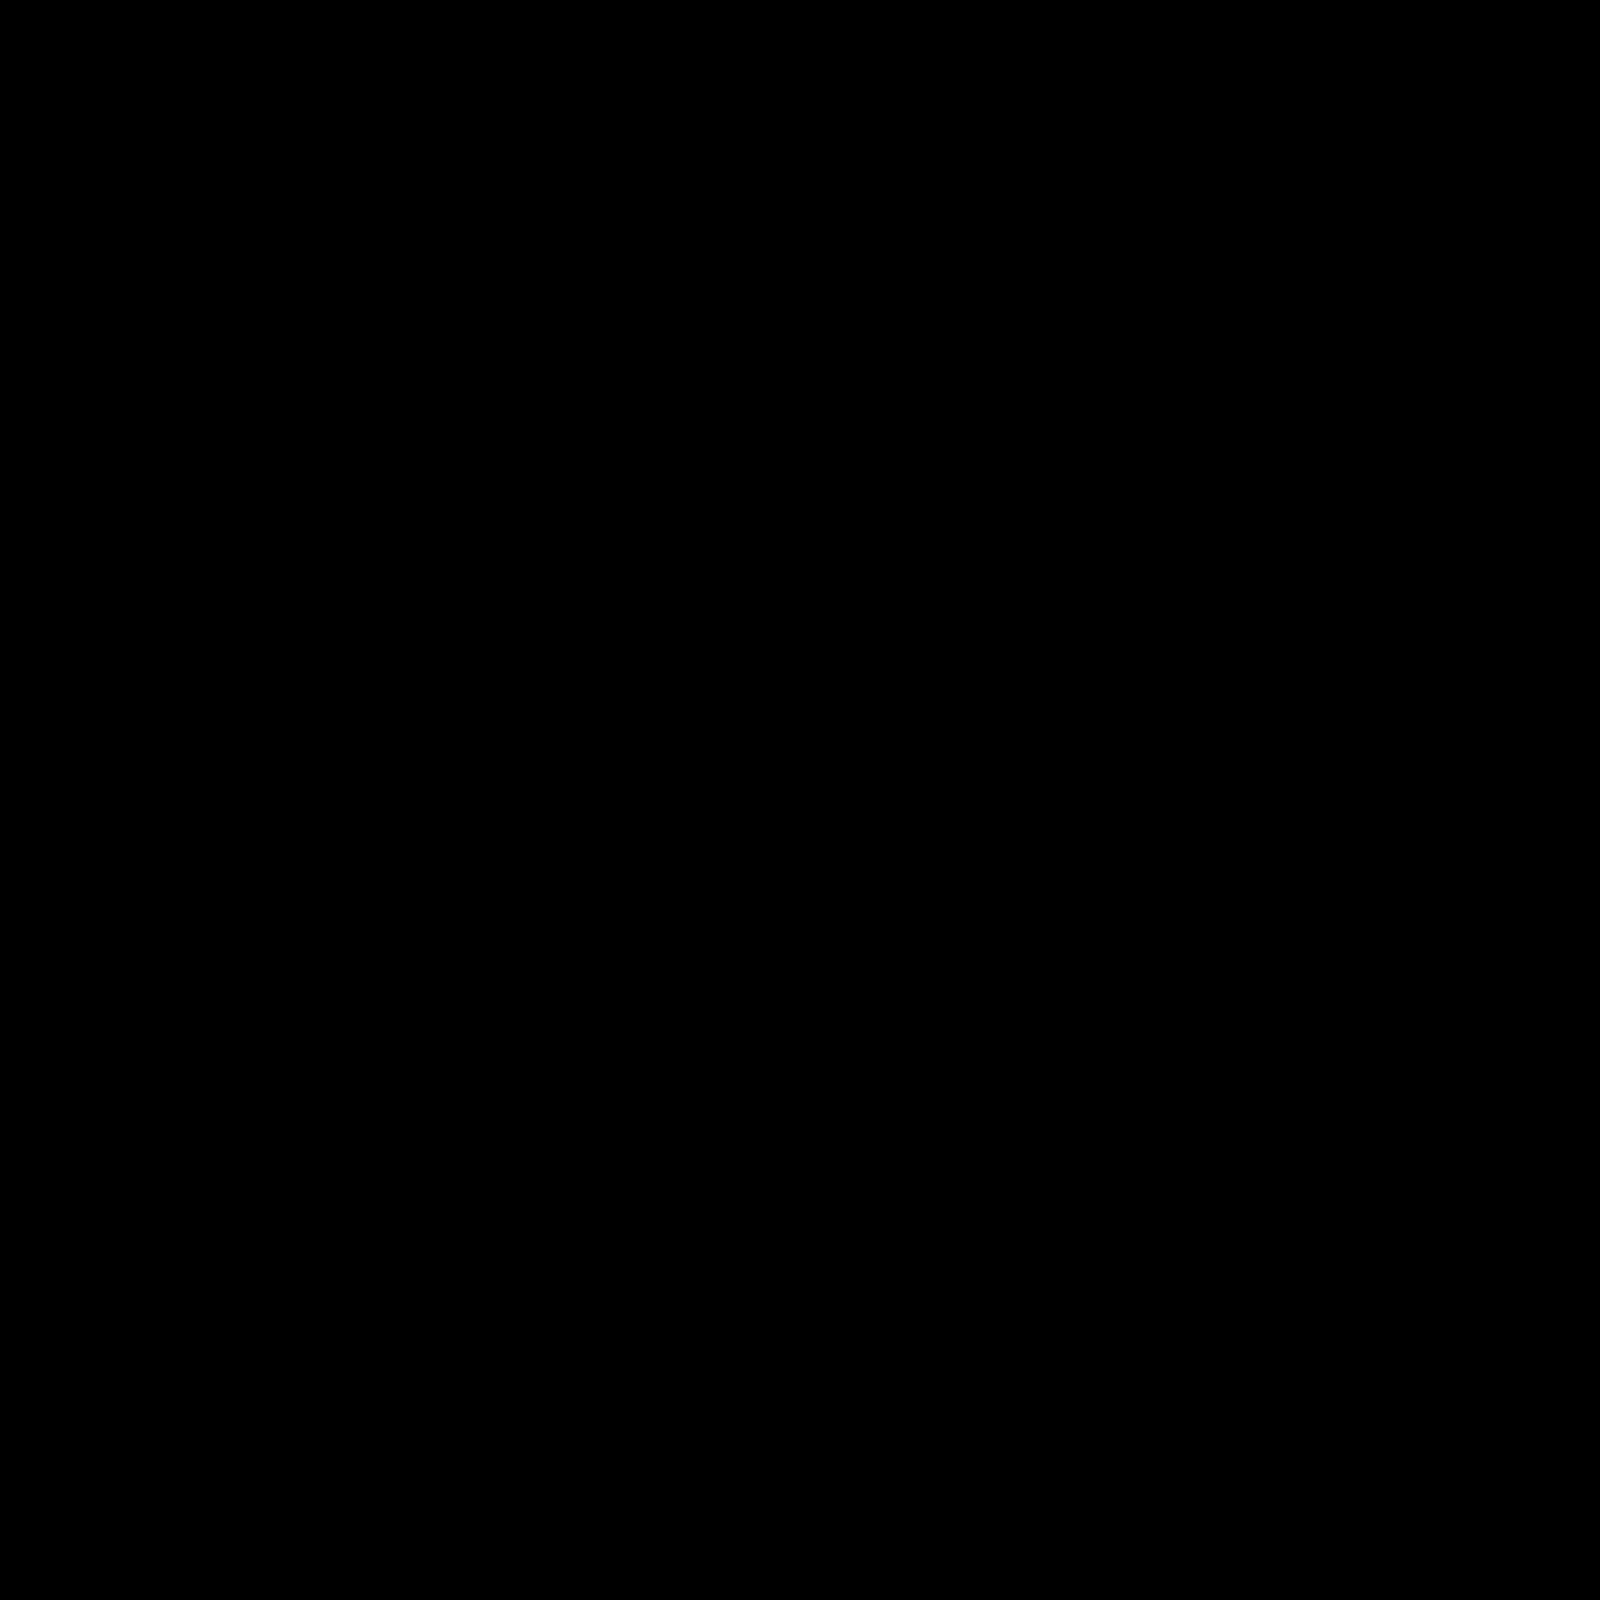 螃蟹 icon. This icon is a stylized version of a crab holding it's pincers in the air. There is a oblong circle in the middle that represents the body and some curved lines coming out the sides which represent the crab's legs. The pincers are made of circles with a chunk taken out of them, just like Pacman from the video games.